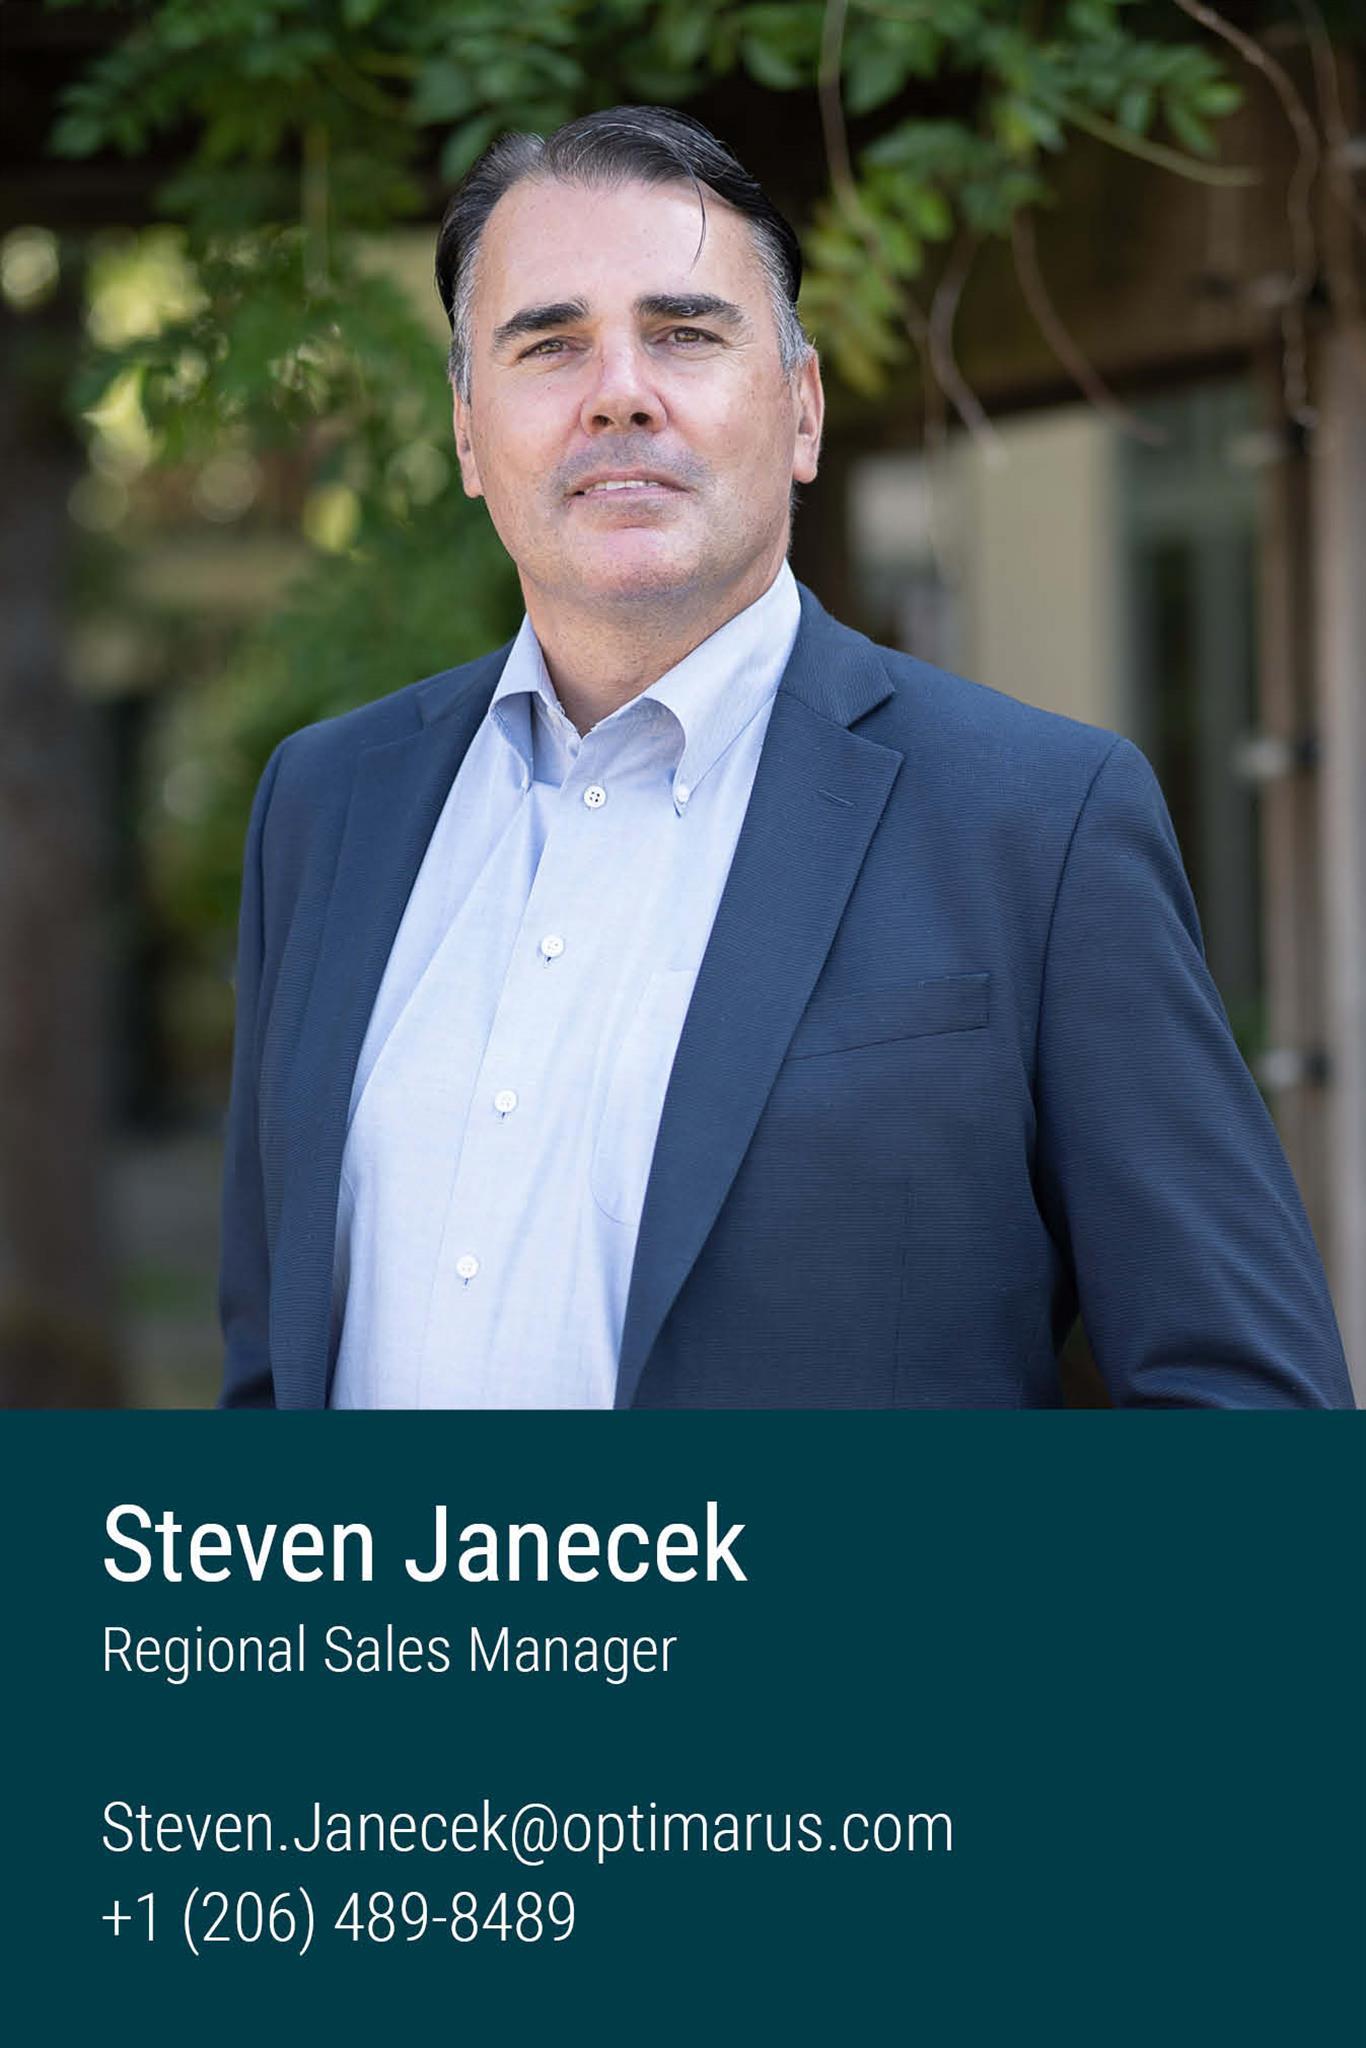 Steven Janecek